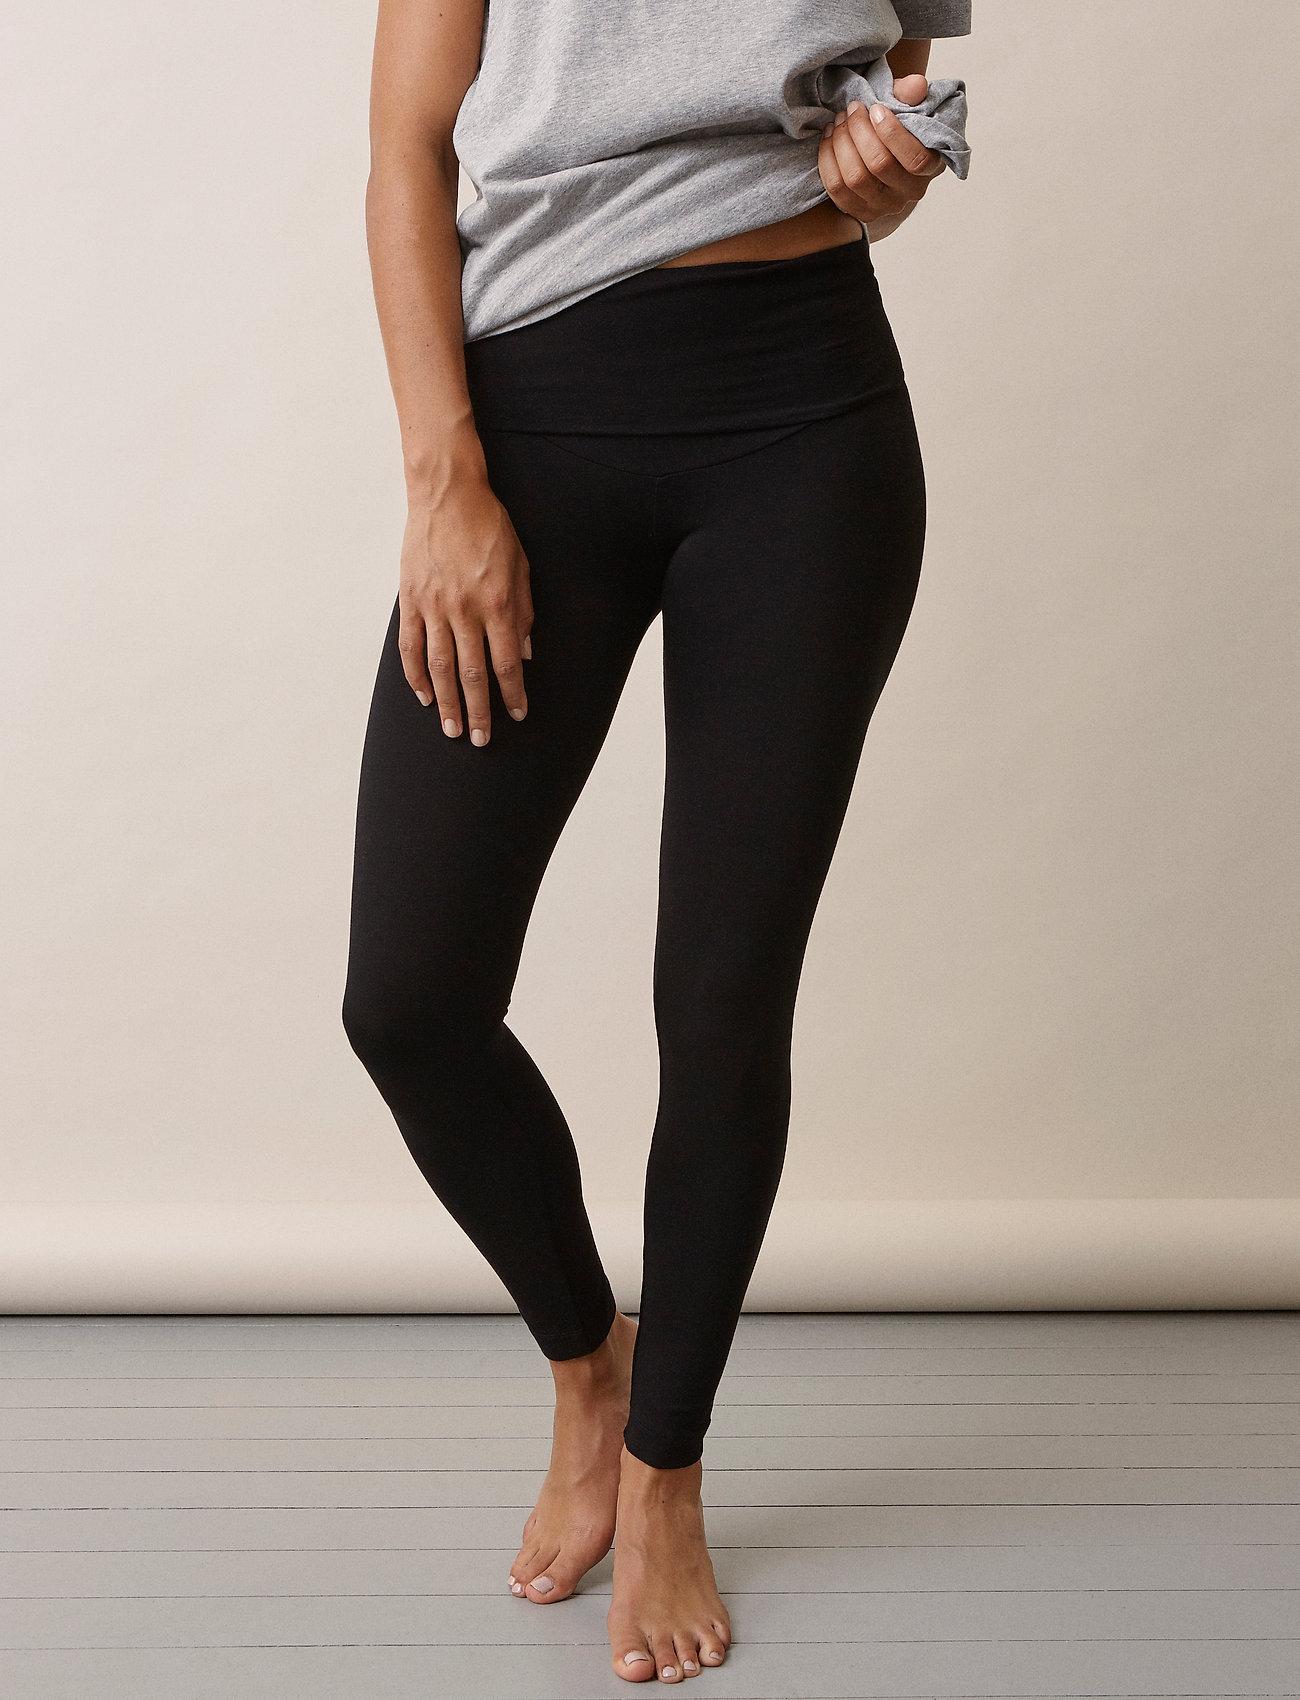 Boob - Once-on-never-off leggings - leggings - black - 0